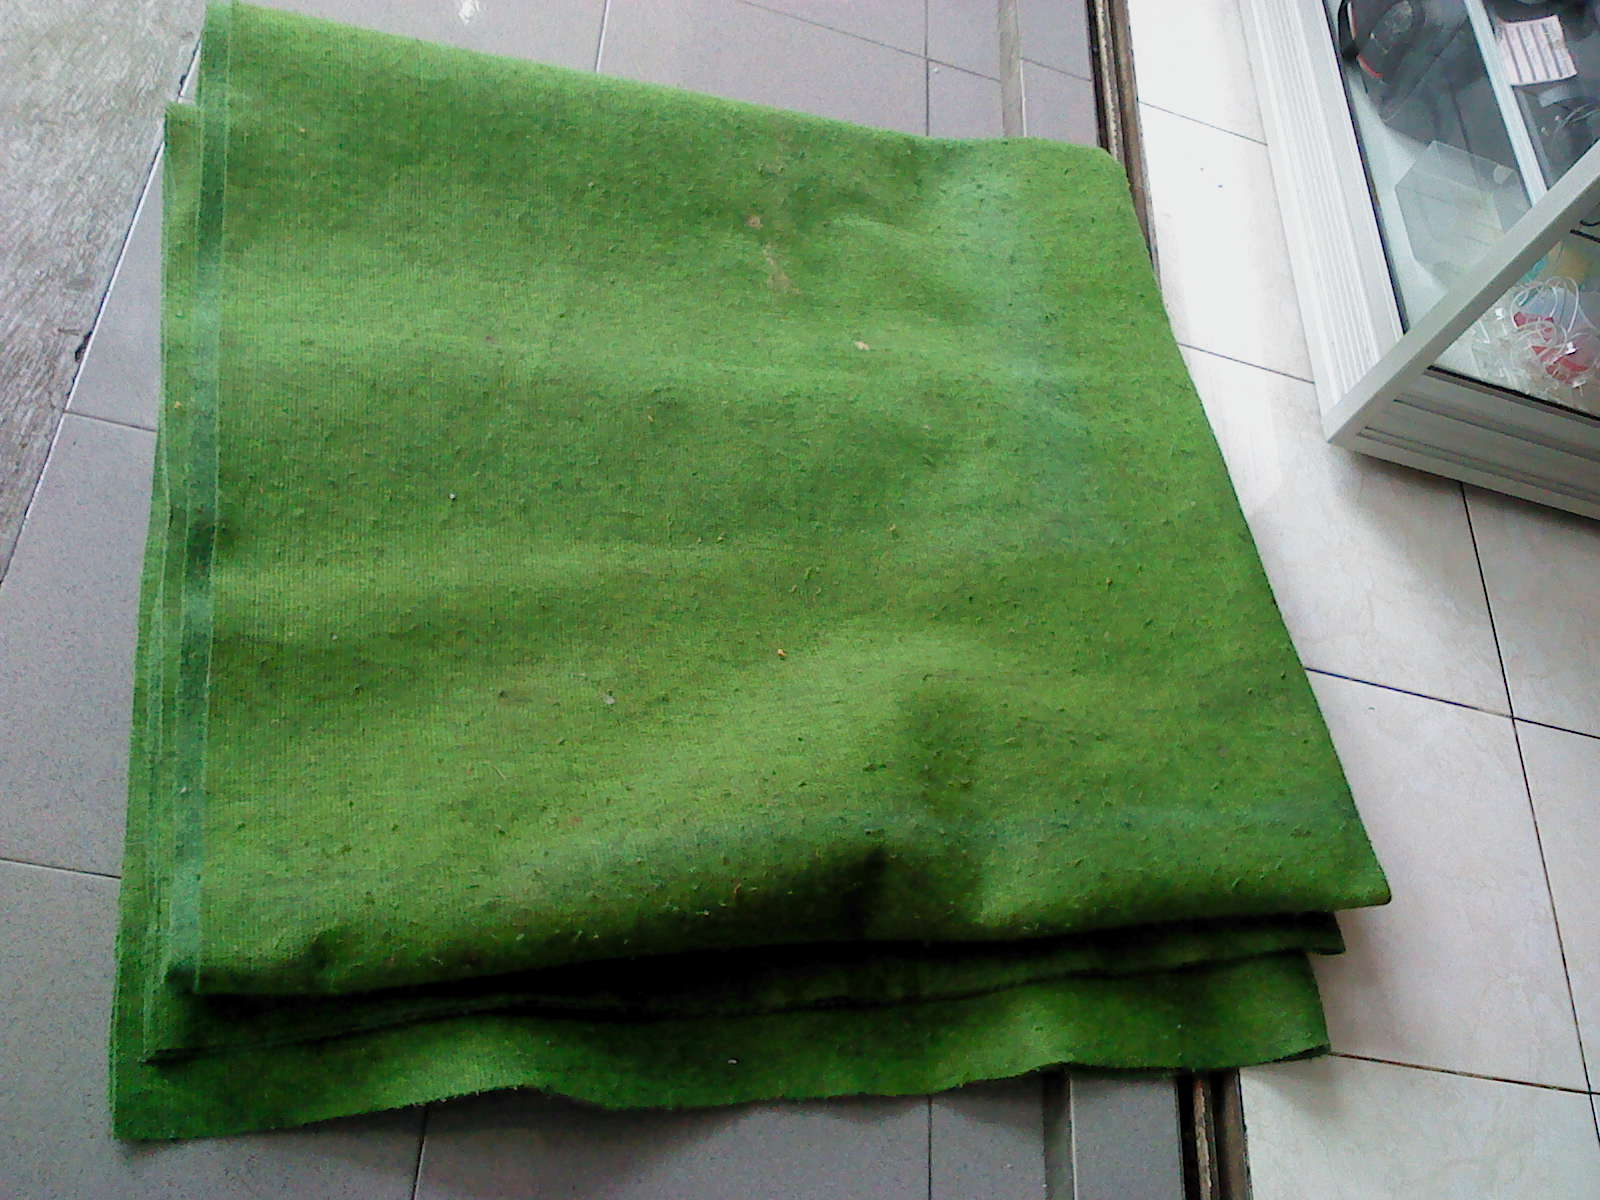 seken malang SOLD OUT Seken karpet hijau P 5M L 3M Rp